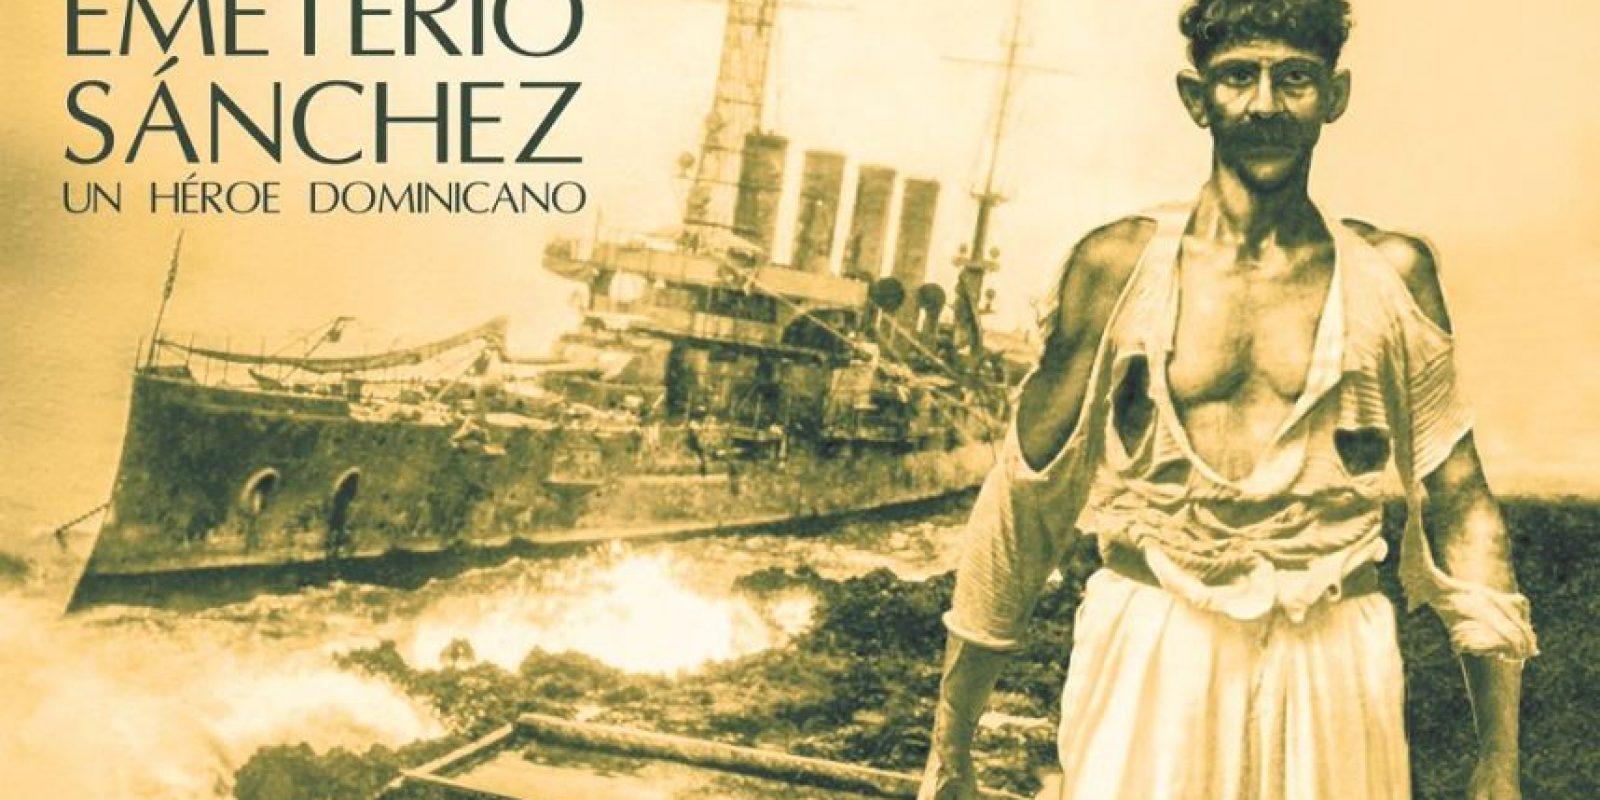 Por su valentía, Emeterio Sánchez es considerado un héroe. Foto:Fuente externa